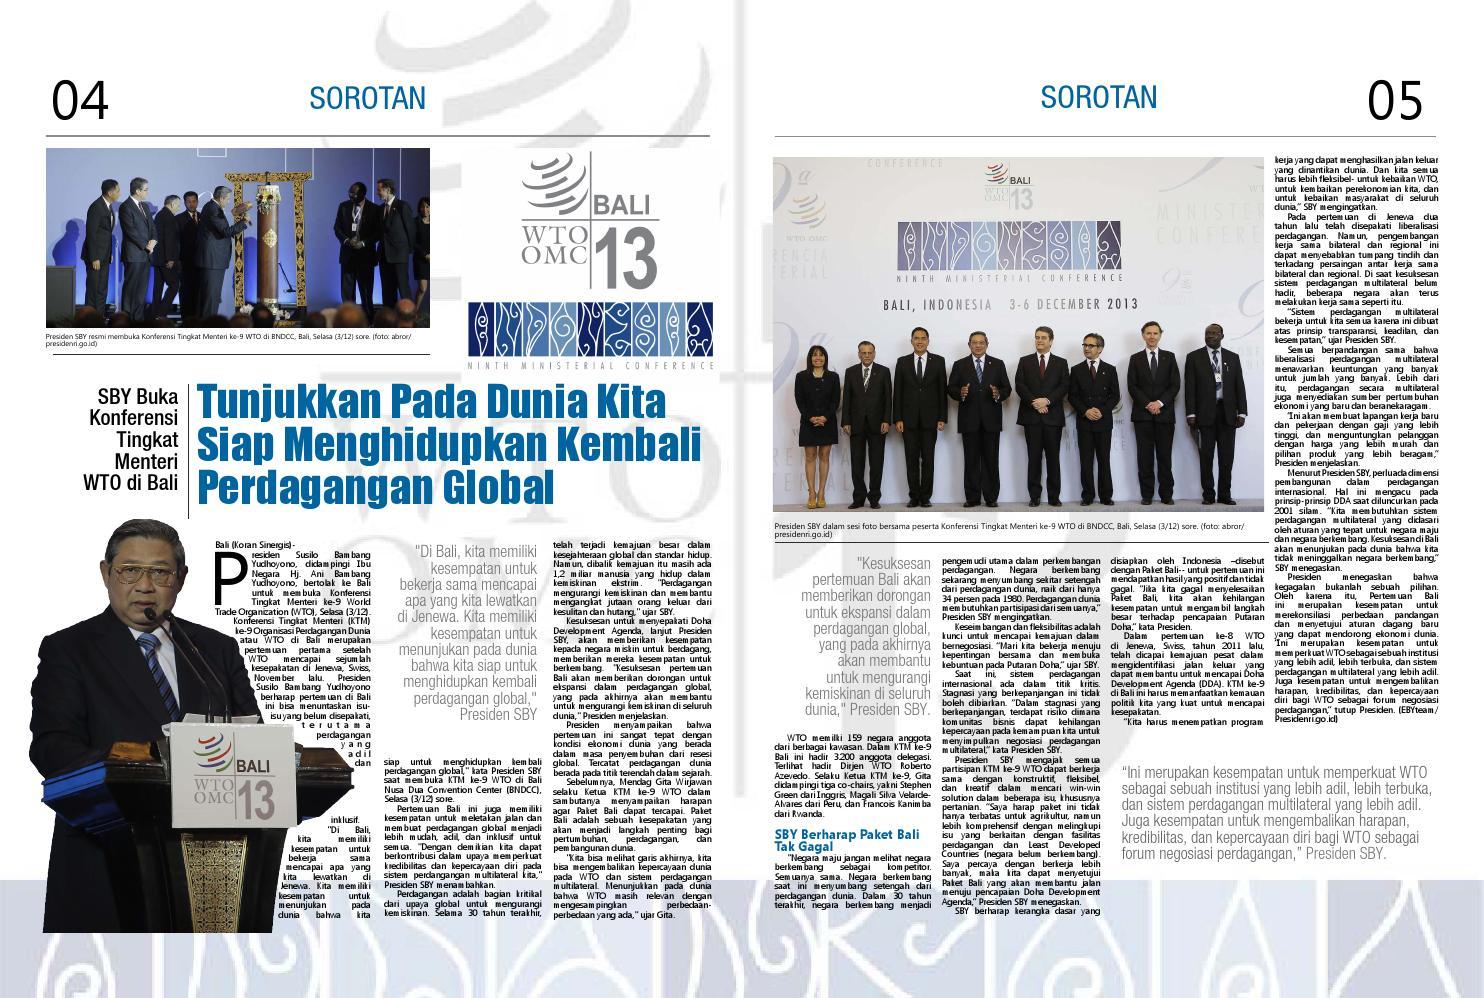 KONFERENSI TINGKAT MENTERI KE 9 WTO, BALI NUSA DUA CONVENTION CENTRE, 3-6 DESEMBER 2013